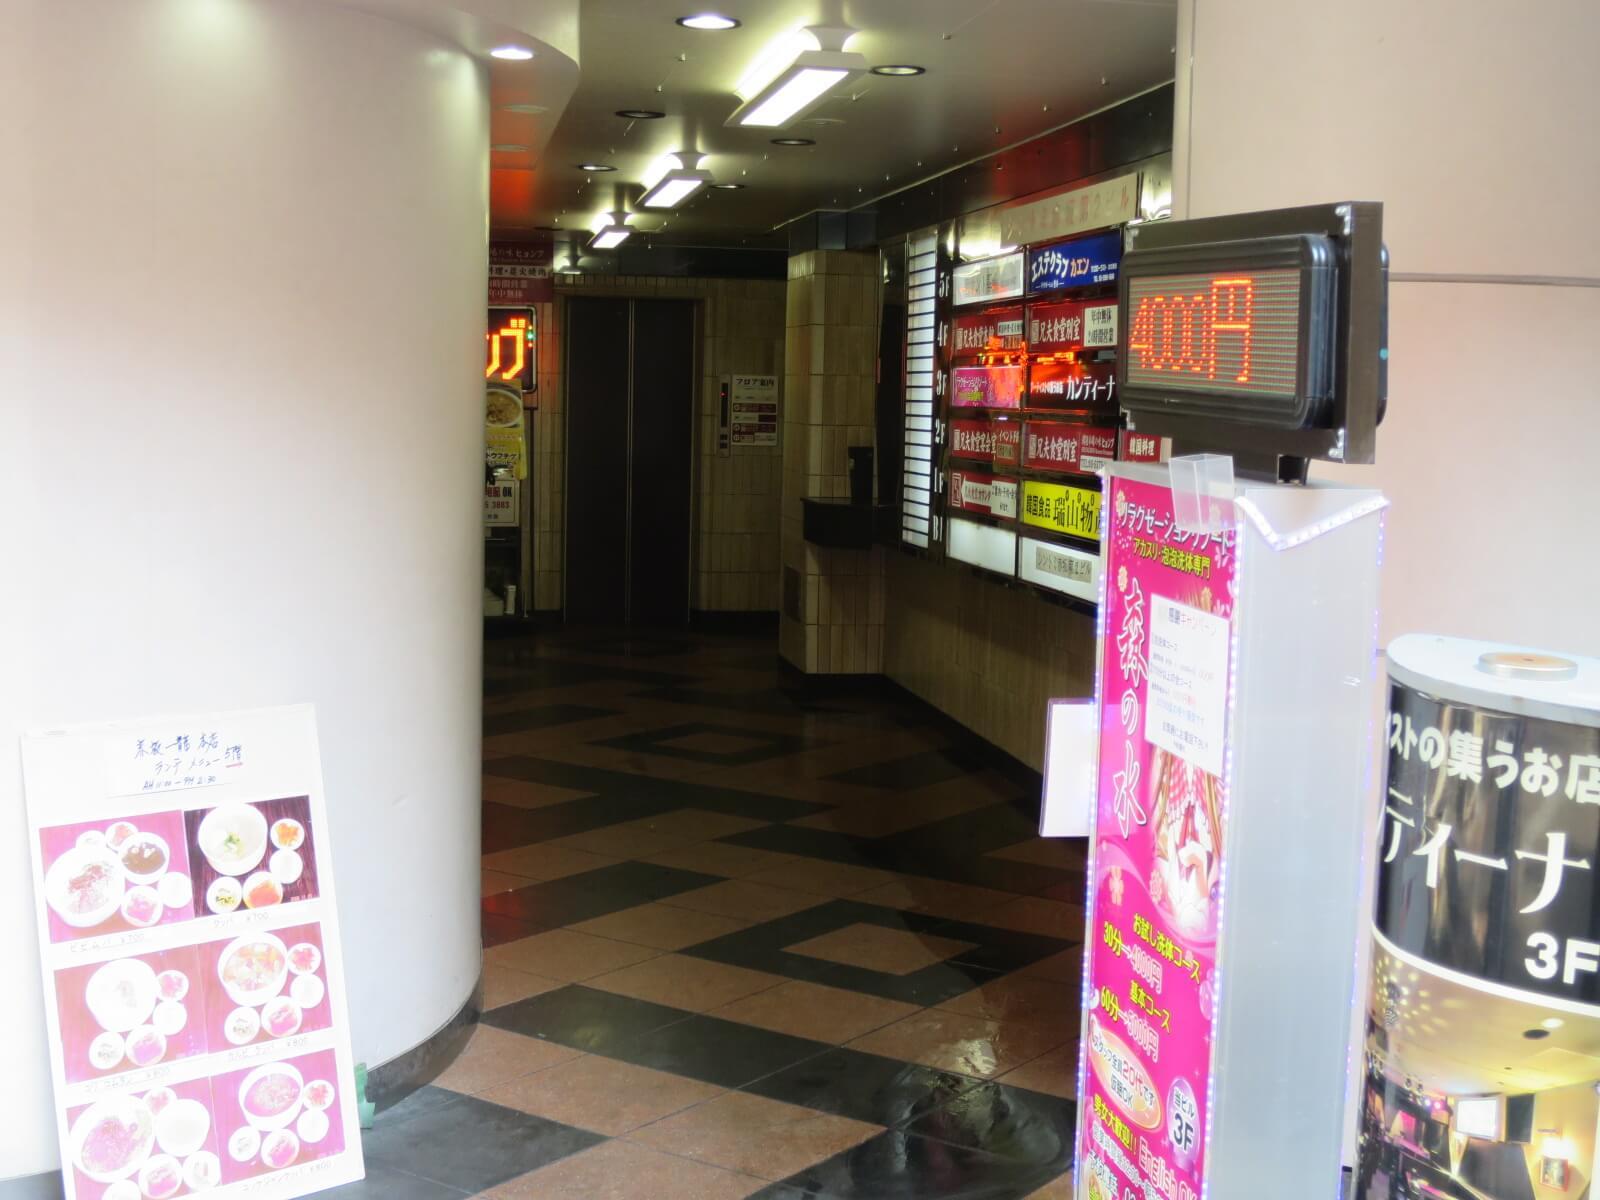 クチコミ・評判 - 兄夫食堂 赤坂本店 | RETRIP[リト …